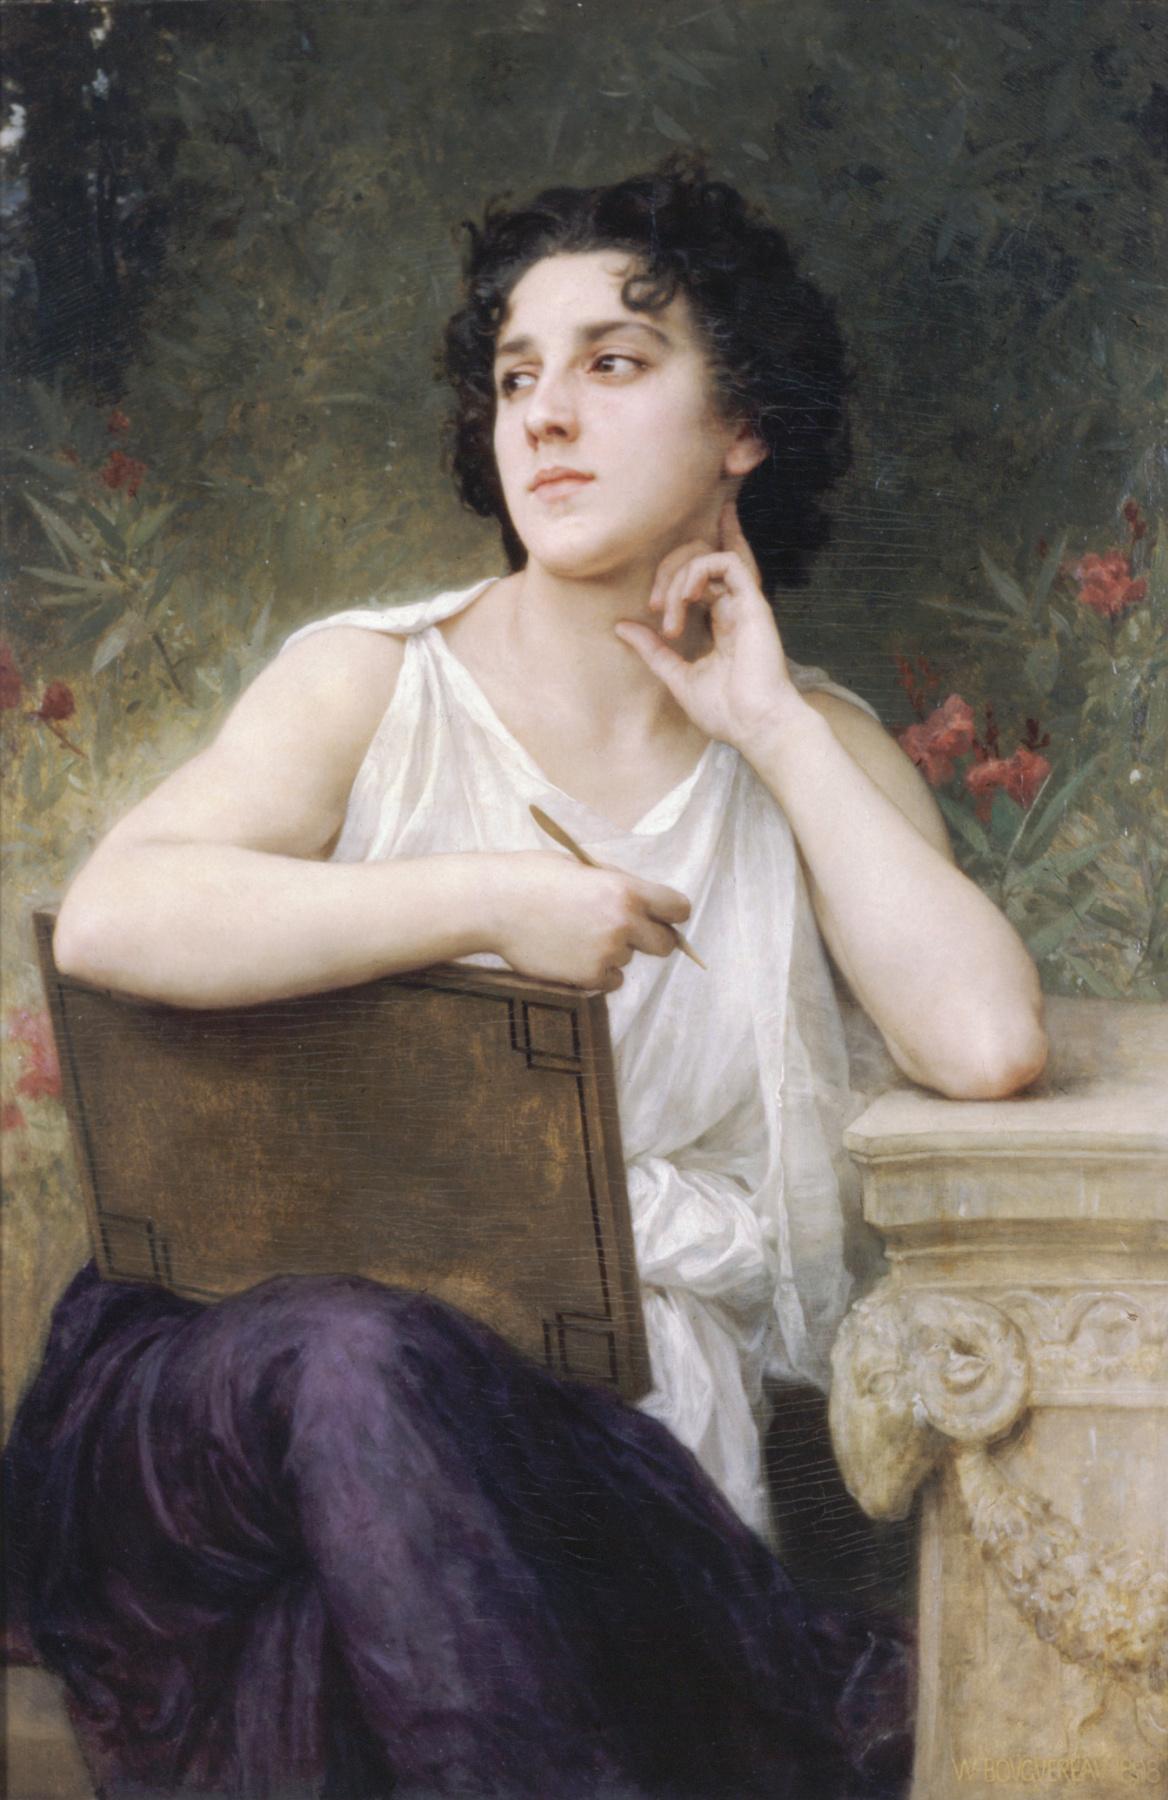 William-Adolphe Bouguereau. Inspiration